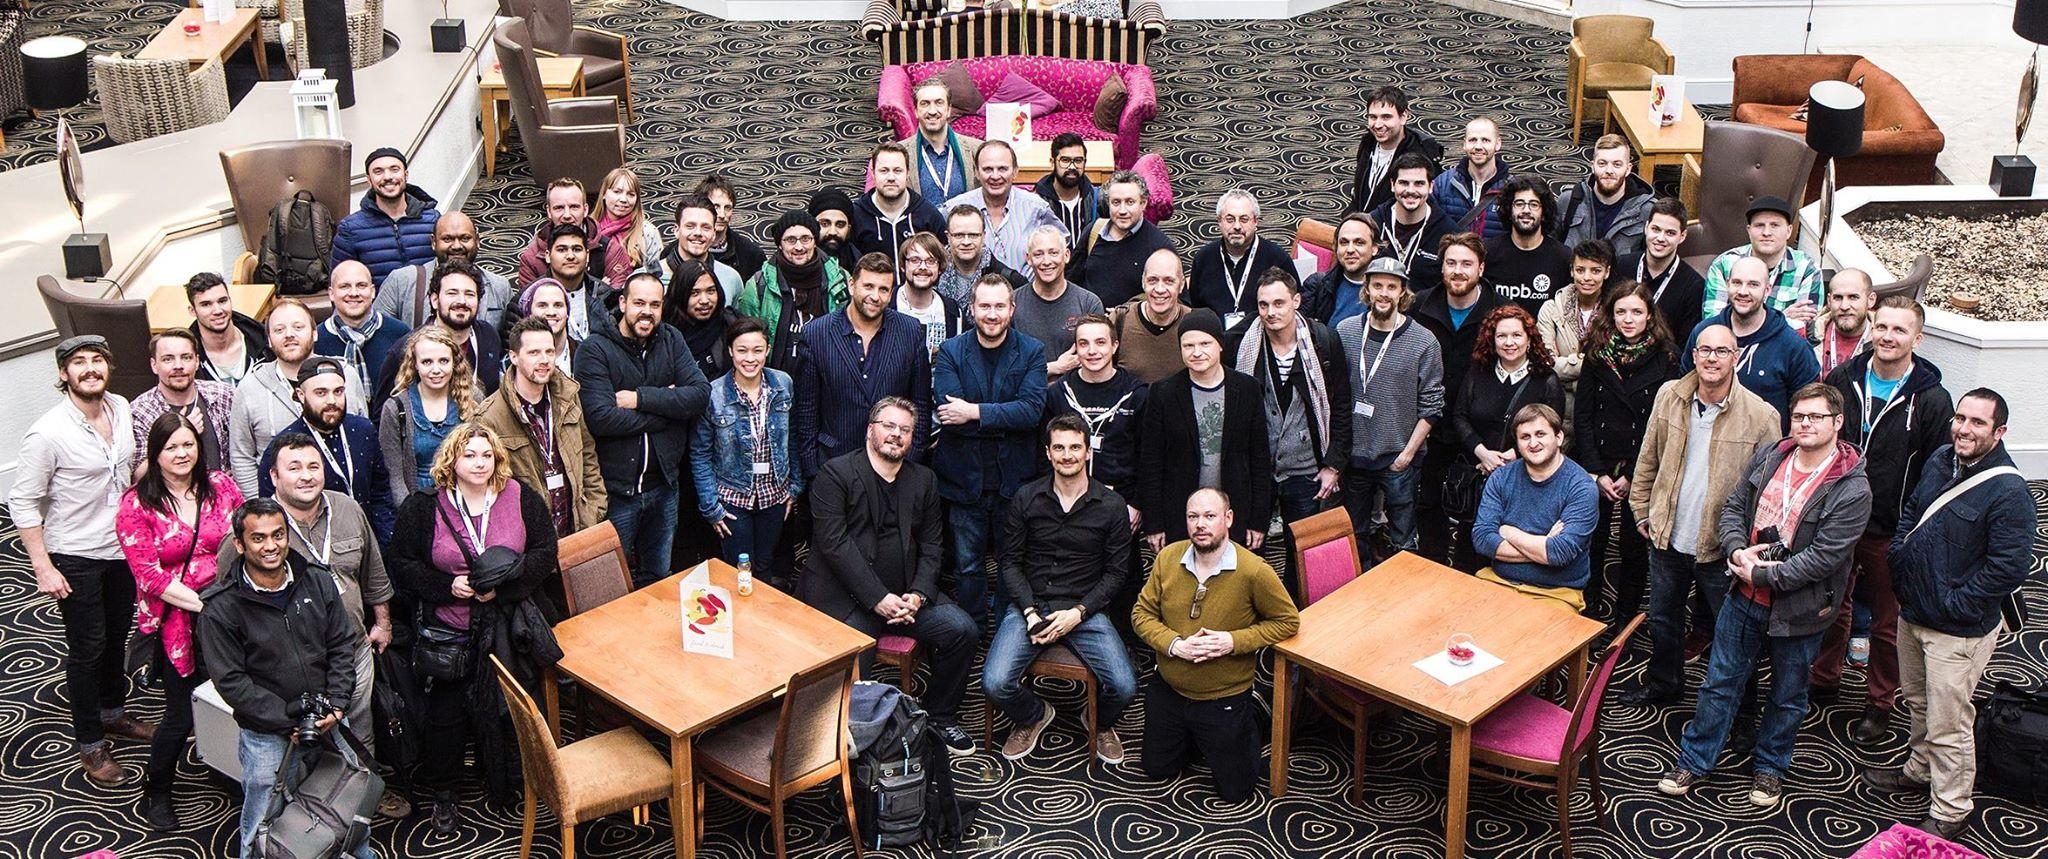 Shadows & Light participants. Image courtesy of shadowsandlightmedia.com.